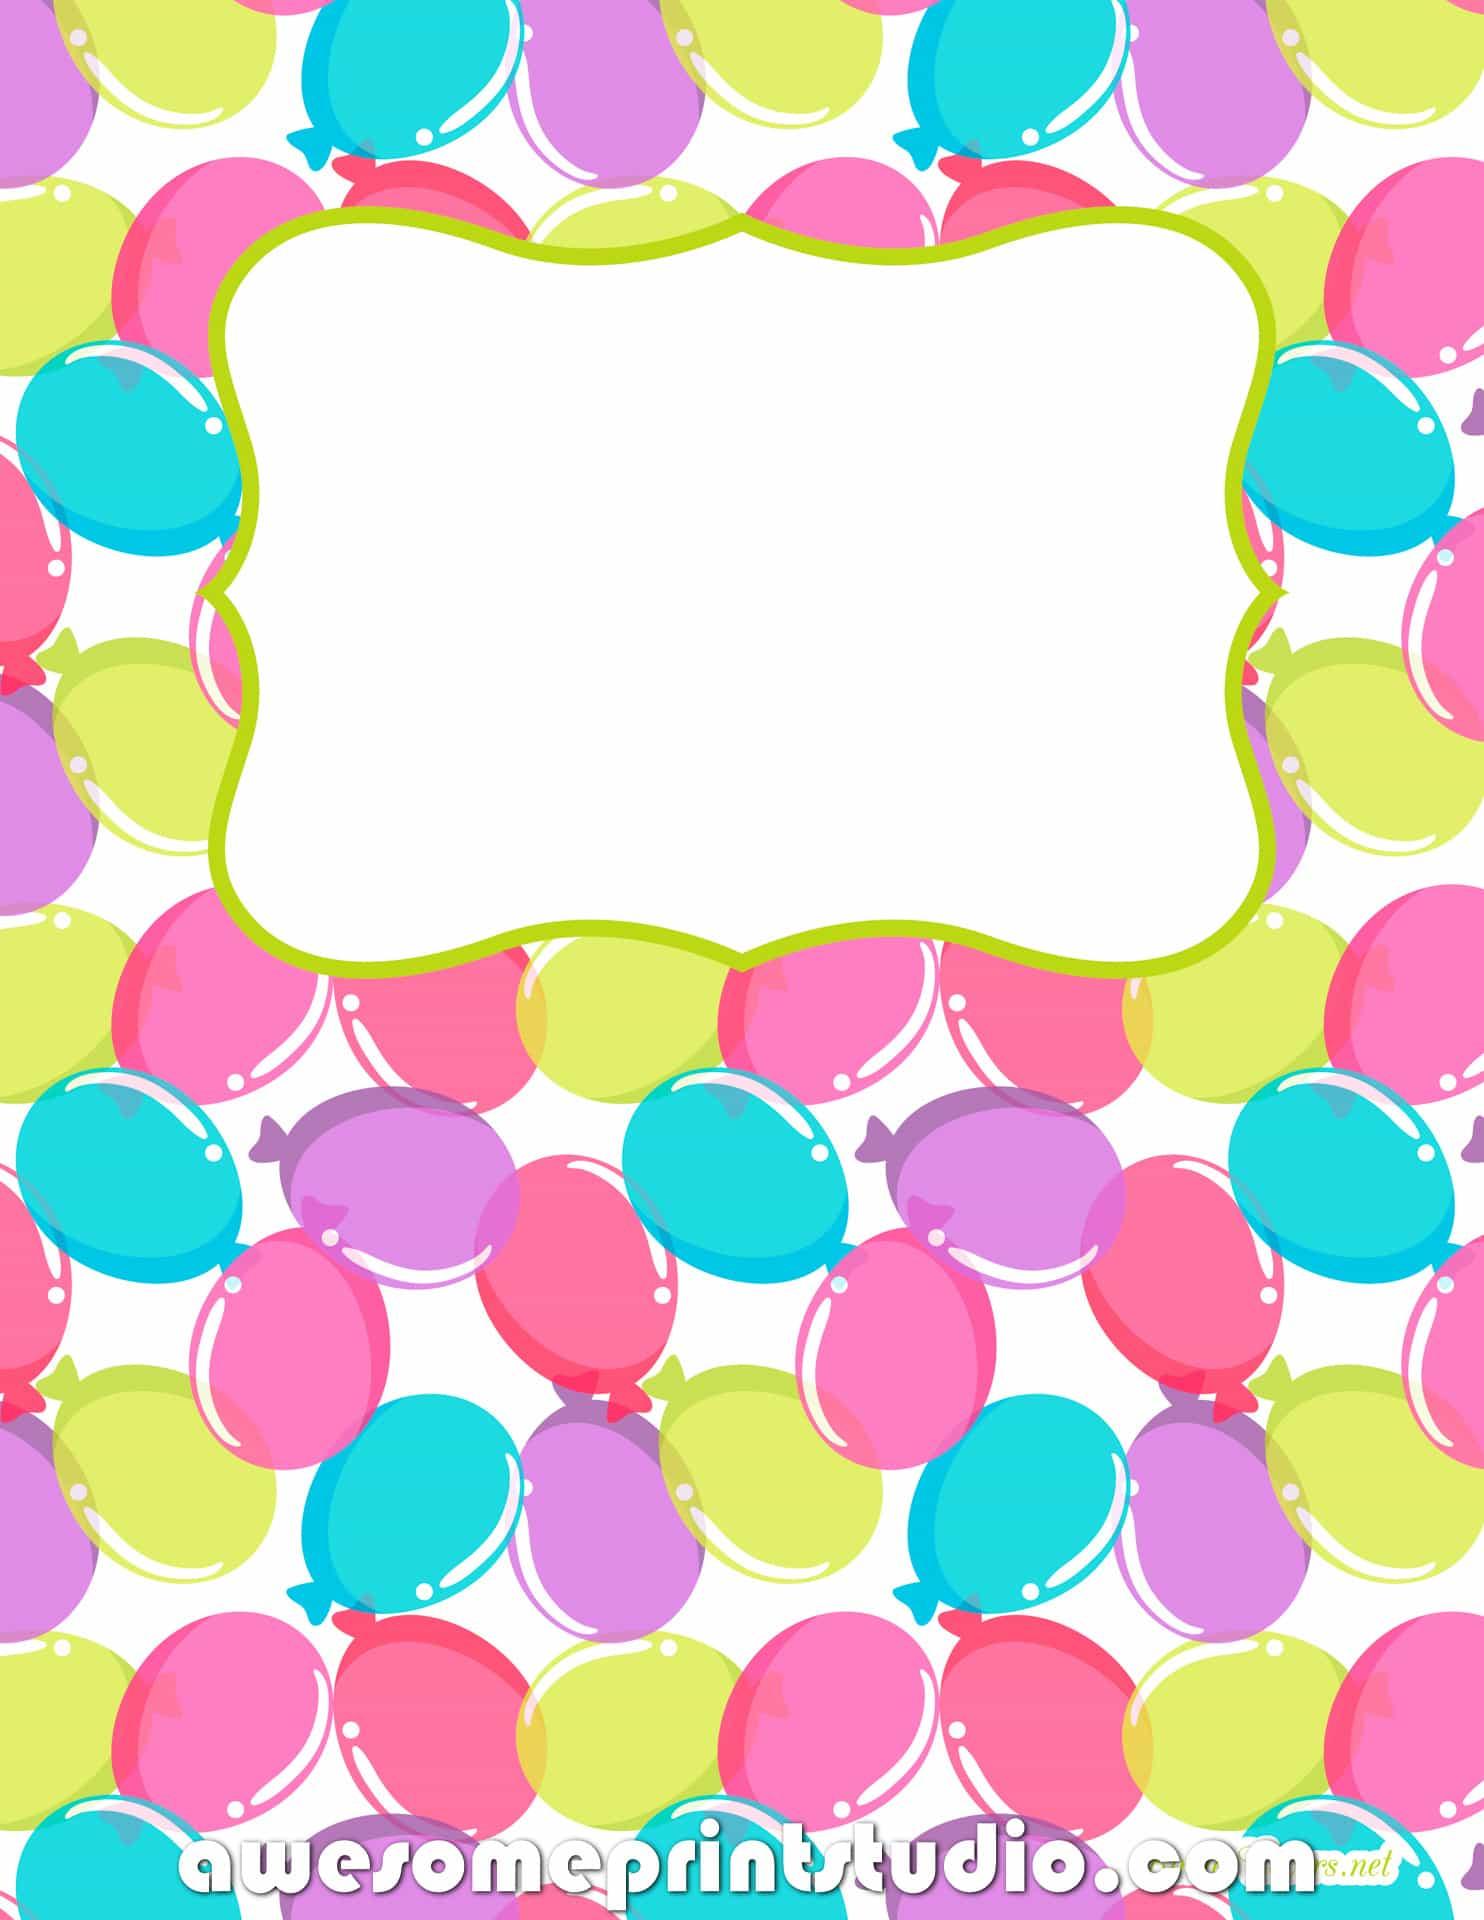 распечатать красивые обложки для тетрадей с воздушными шариками